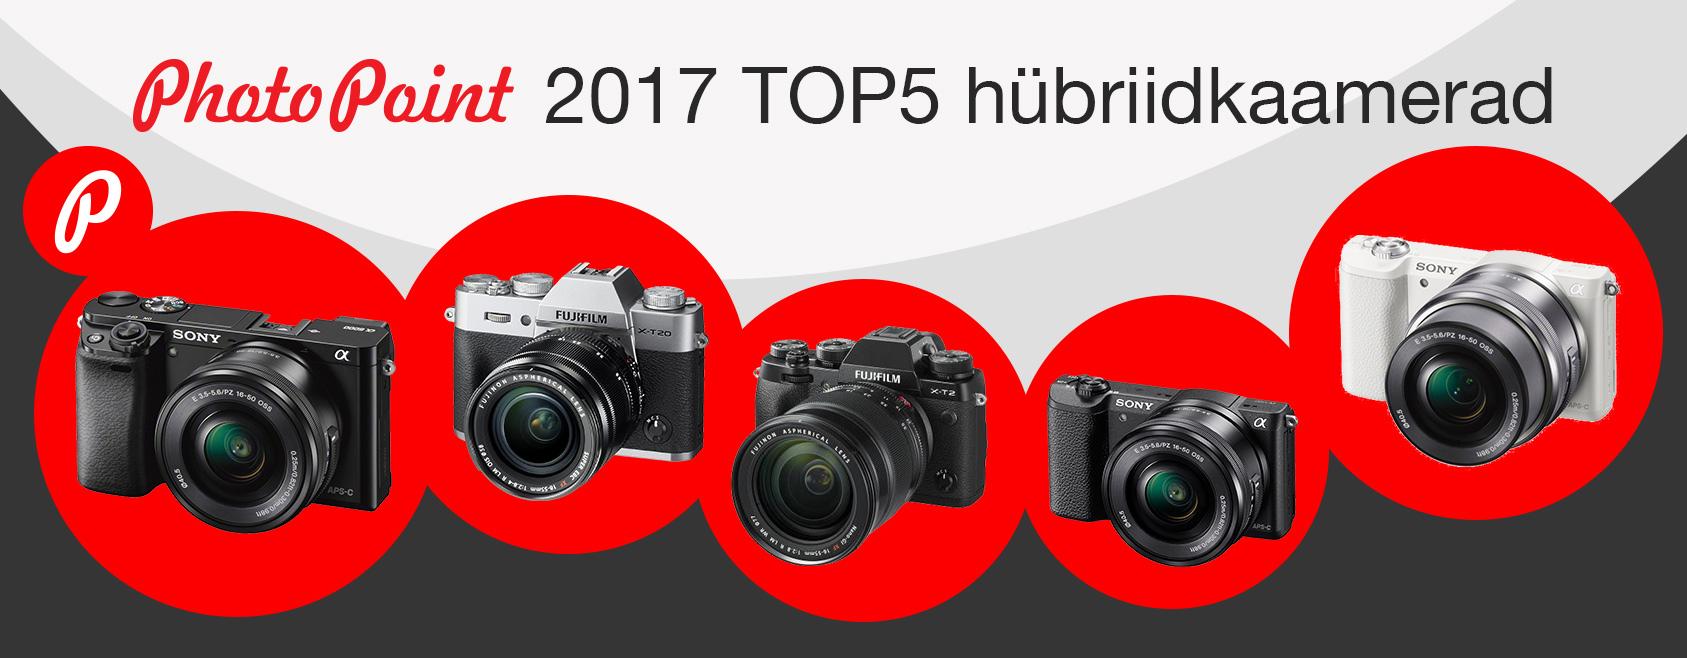 3f6cb8f2686 Heaks alternatiiviks on hübriidkaamera, sest selle korpus on väiksem ja  kergem, välimus atraktiivsem, videorežiim paindlikum ja pildikvaliteet sama  hea või ...